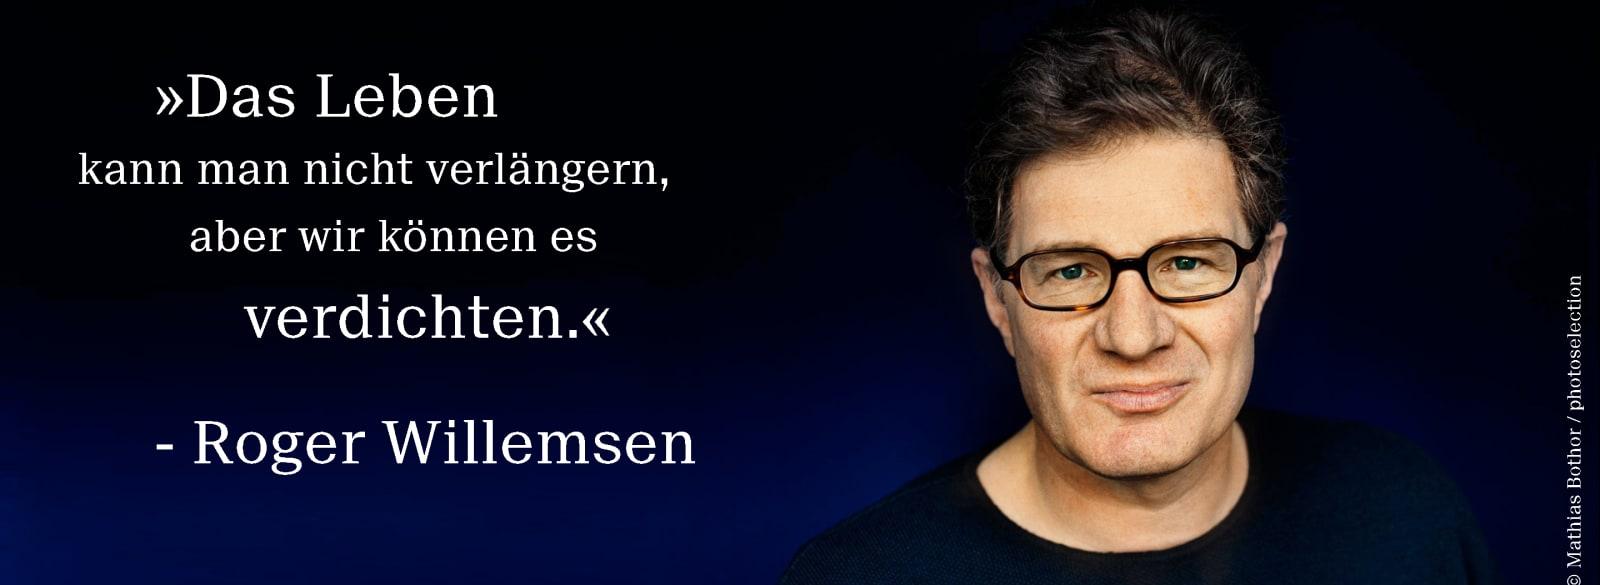 Zitat von Roger Willemsen und Foto